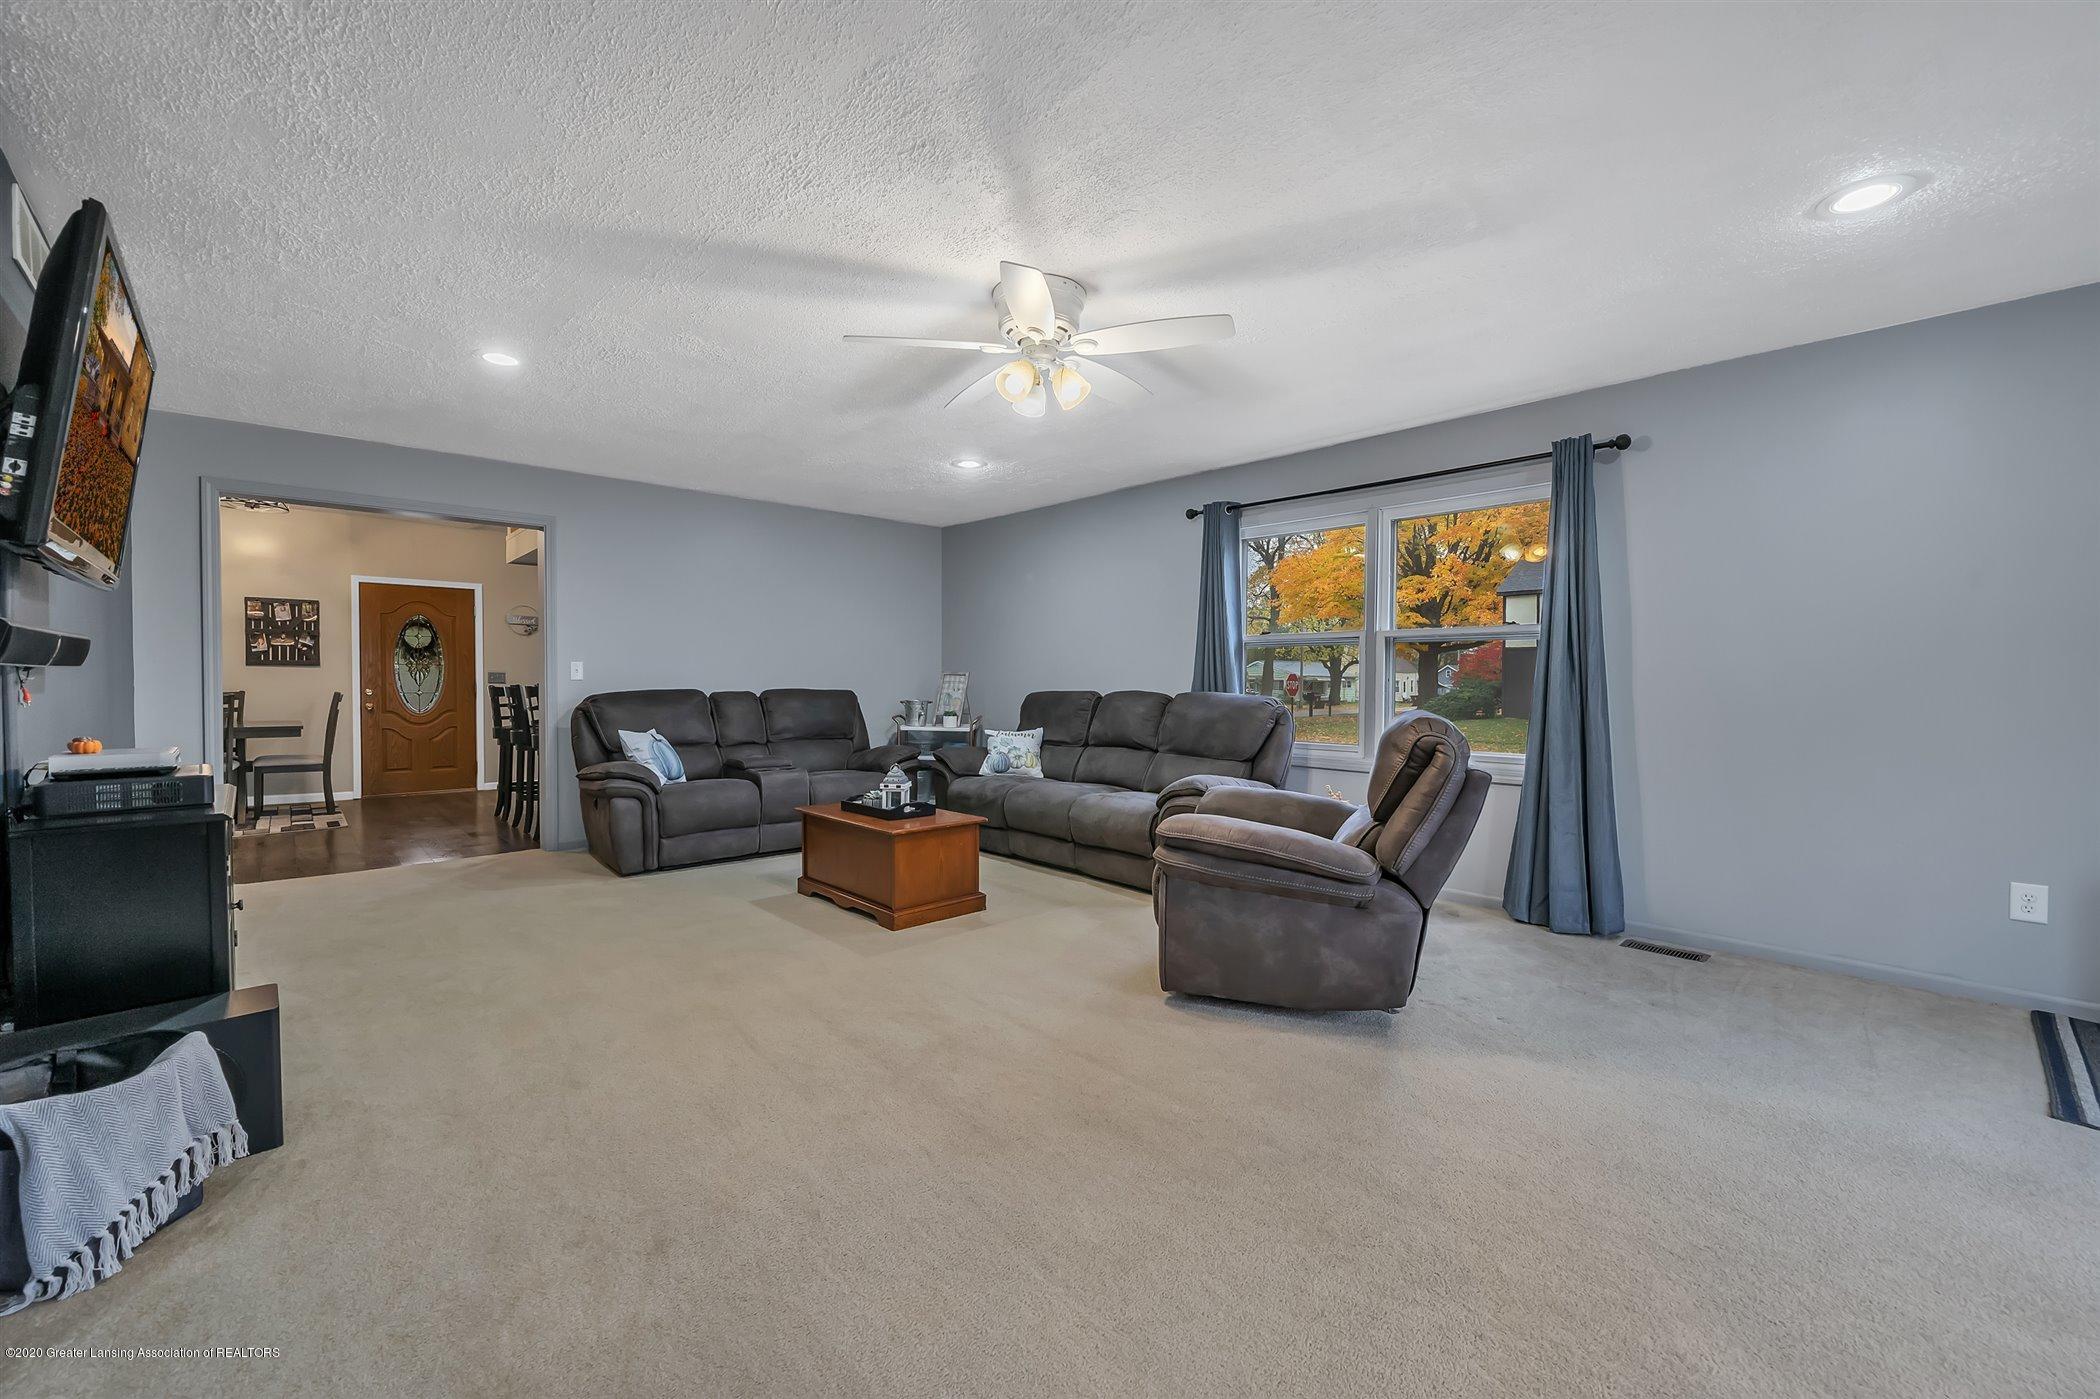 328 E 2nd St - (9) MAIN FLOOR Living Room - 10